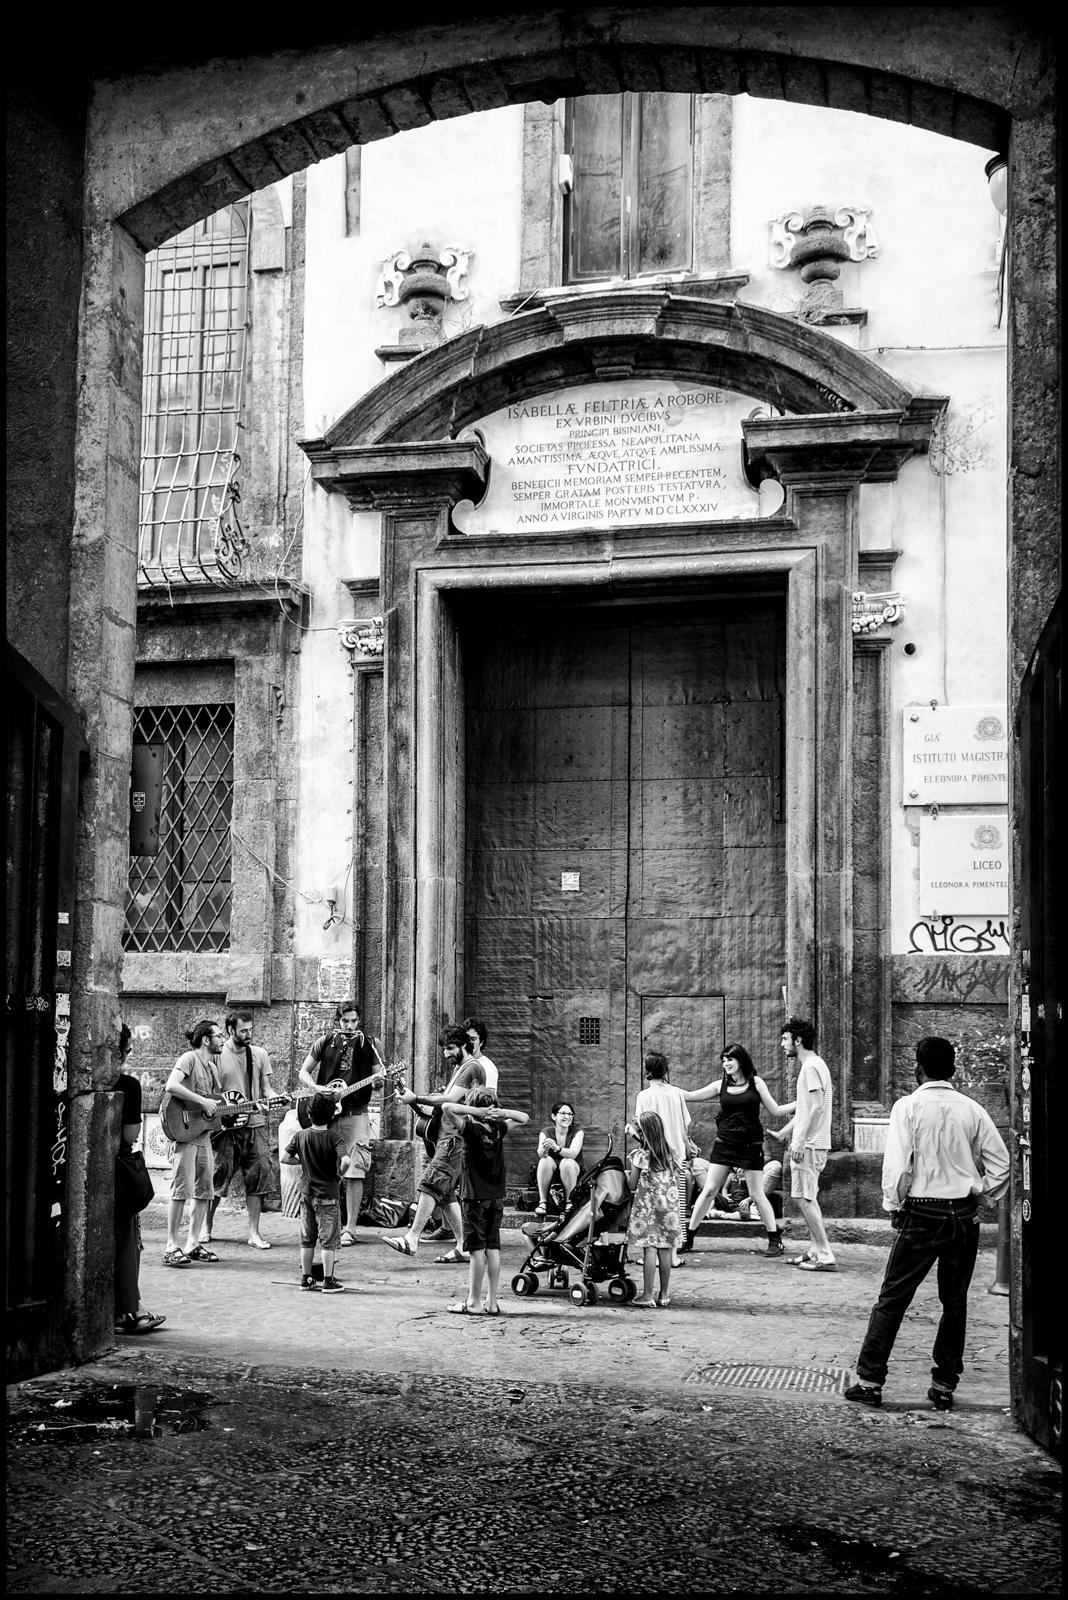 Via Benedetto Croce